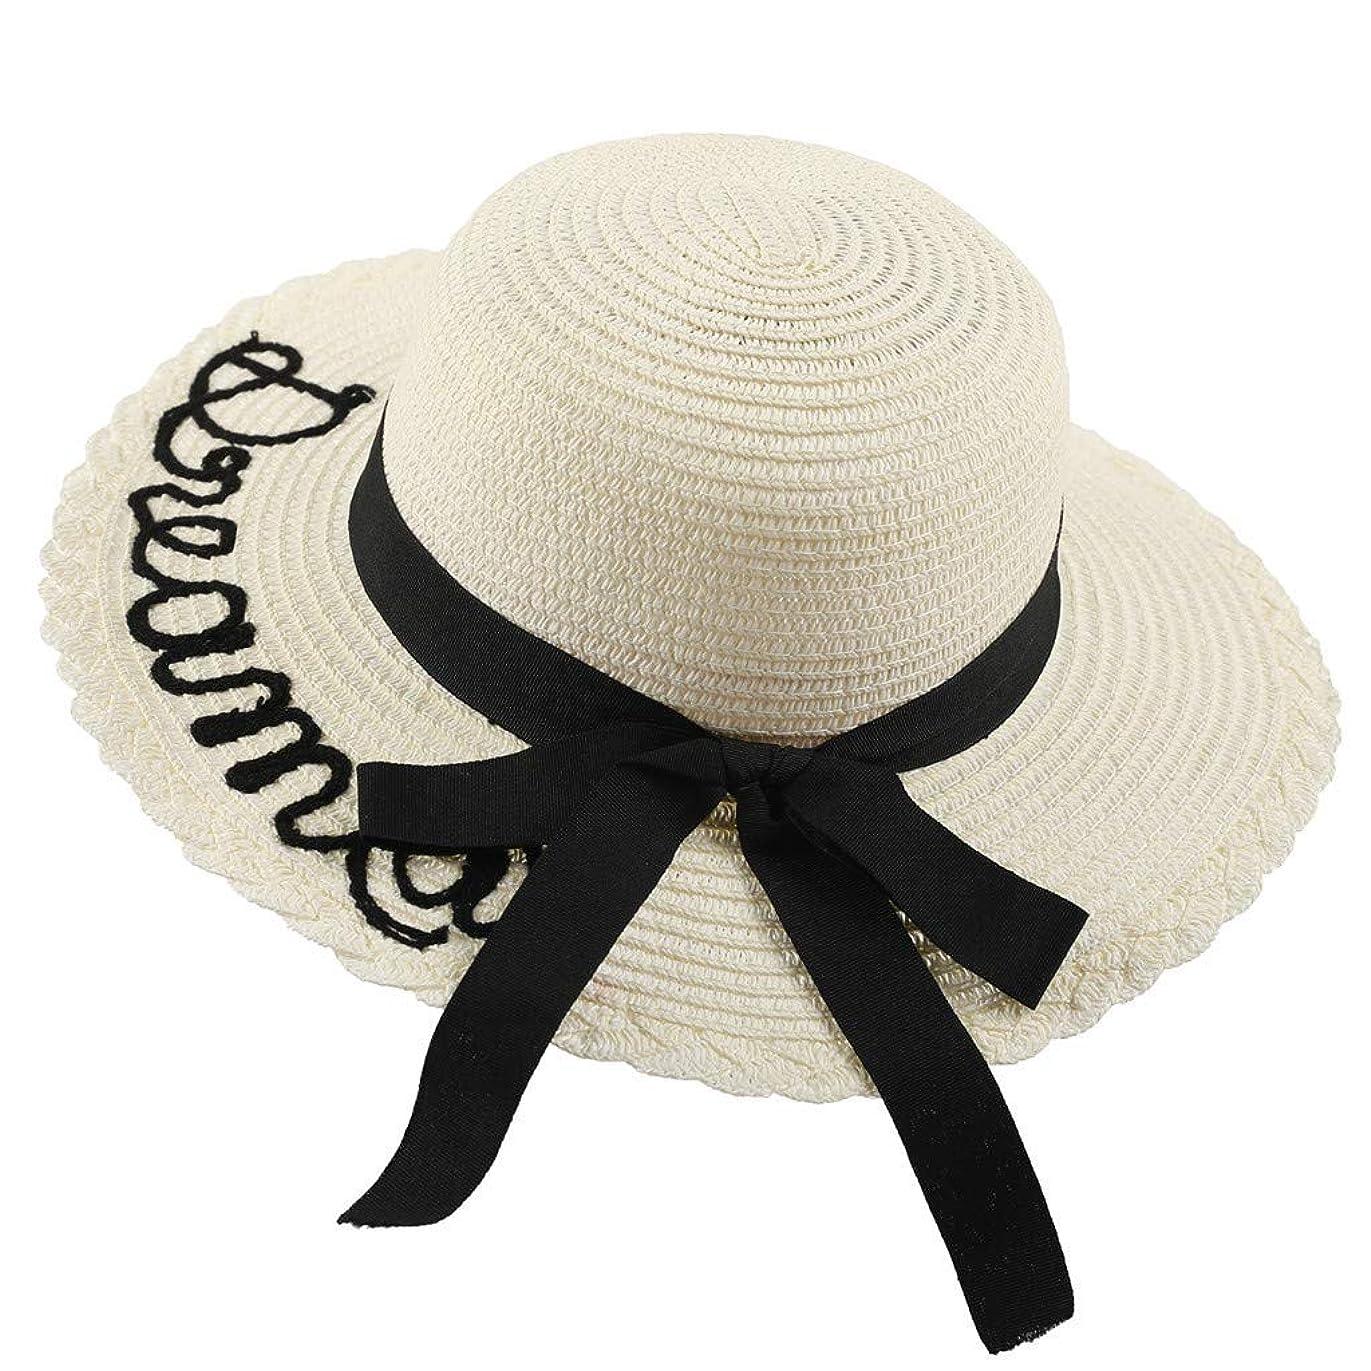 多用途お客様強調するハット キッズ 子供 UVカット 帽子 ベビー UVカット 日よけ 折りたたみ つば広 おしゃれ 可愛い 帽子 レディース UV ハット 麦わら帽子 小顔効果抜群 ハット uv 日除け 帽子 サイズ調整 テープ キャップ 白 ROSE ROMAN